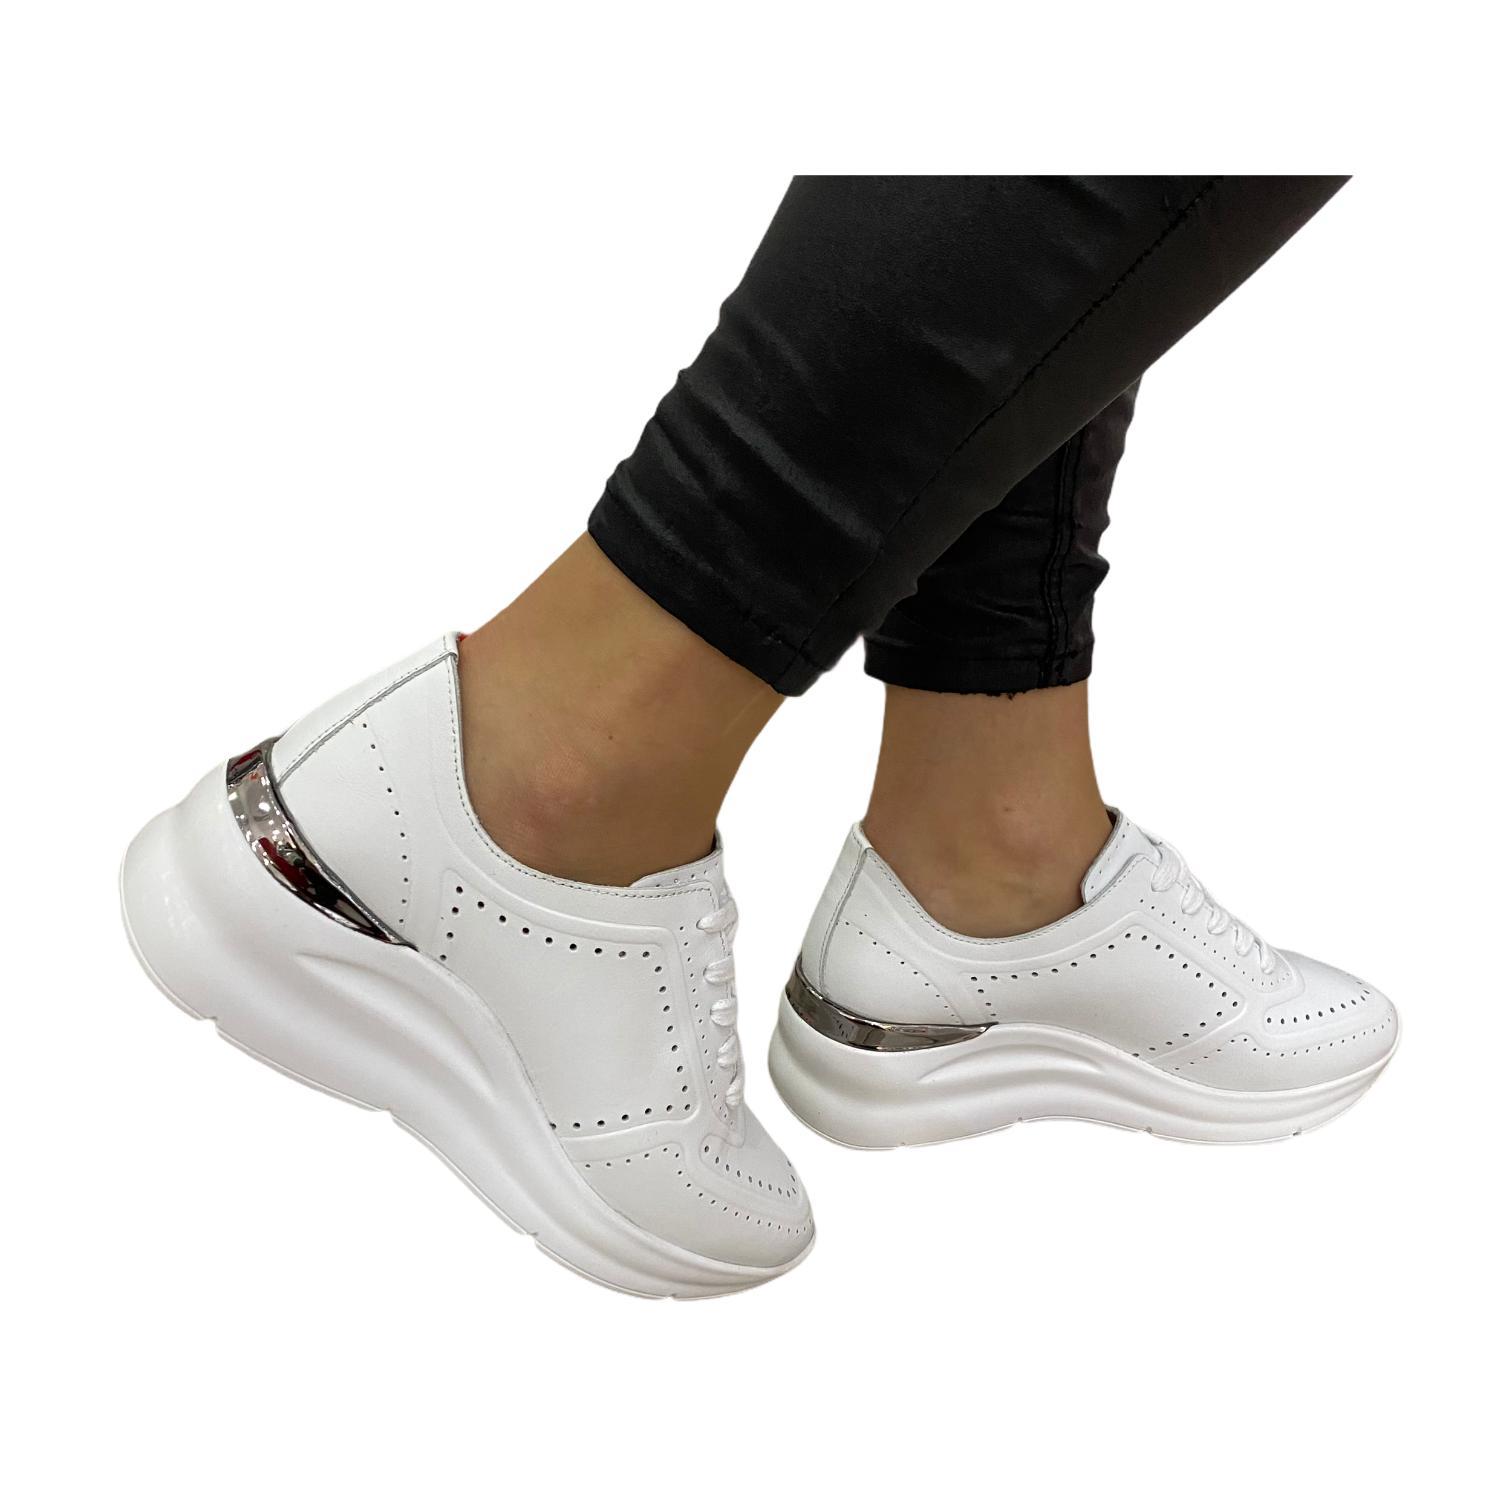 Pantofi sport albi cu perforatii si detaliu argintiu